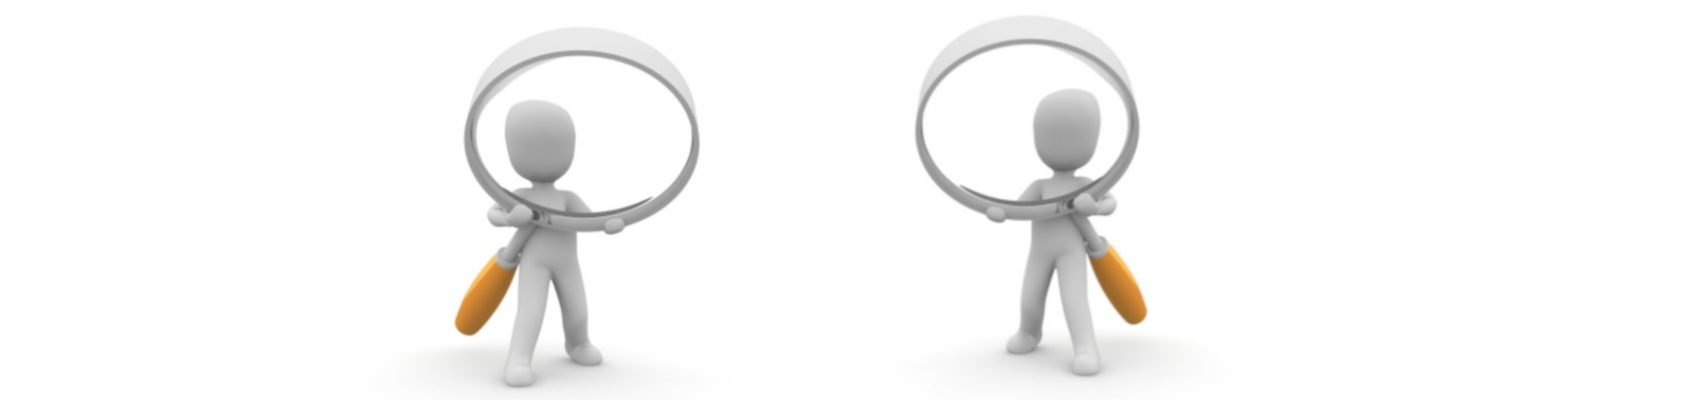 Auf dem Bild sind zwei Männchen mit einer Lupe in der Hand zu sehen.